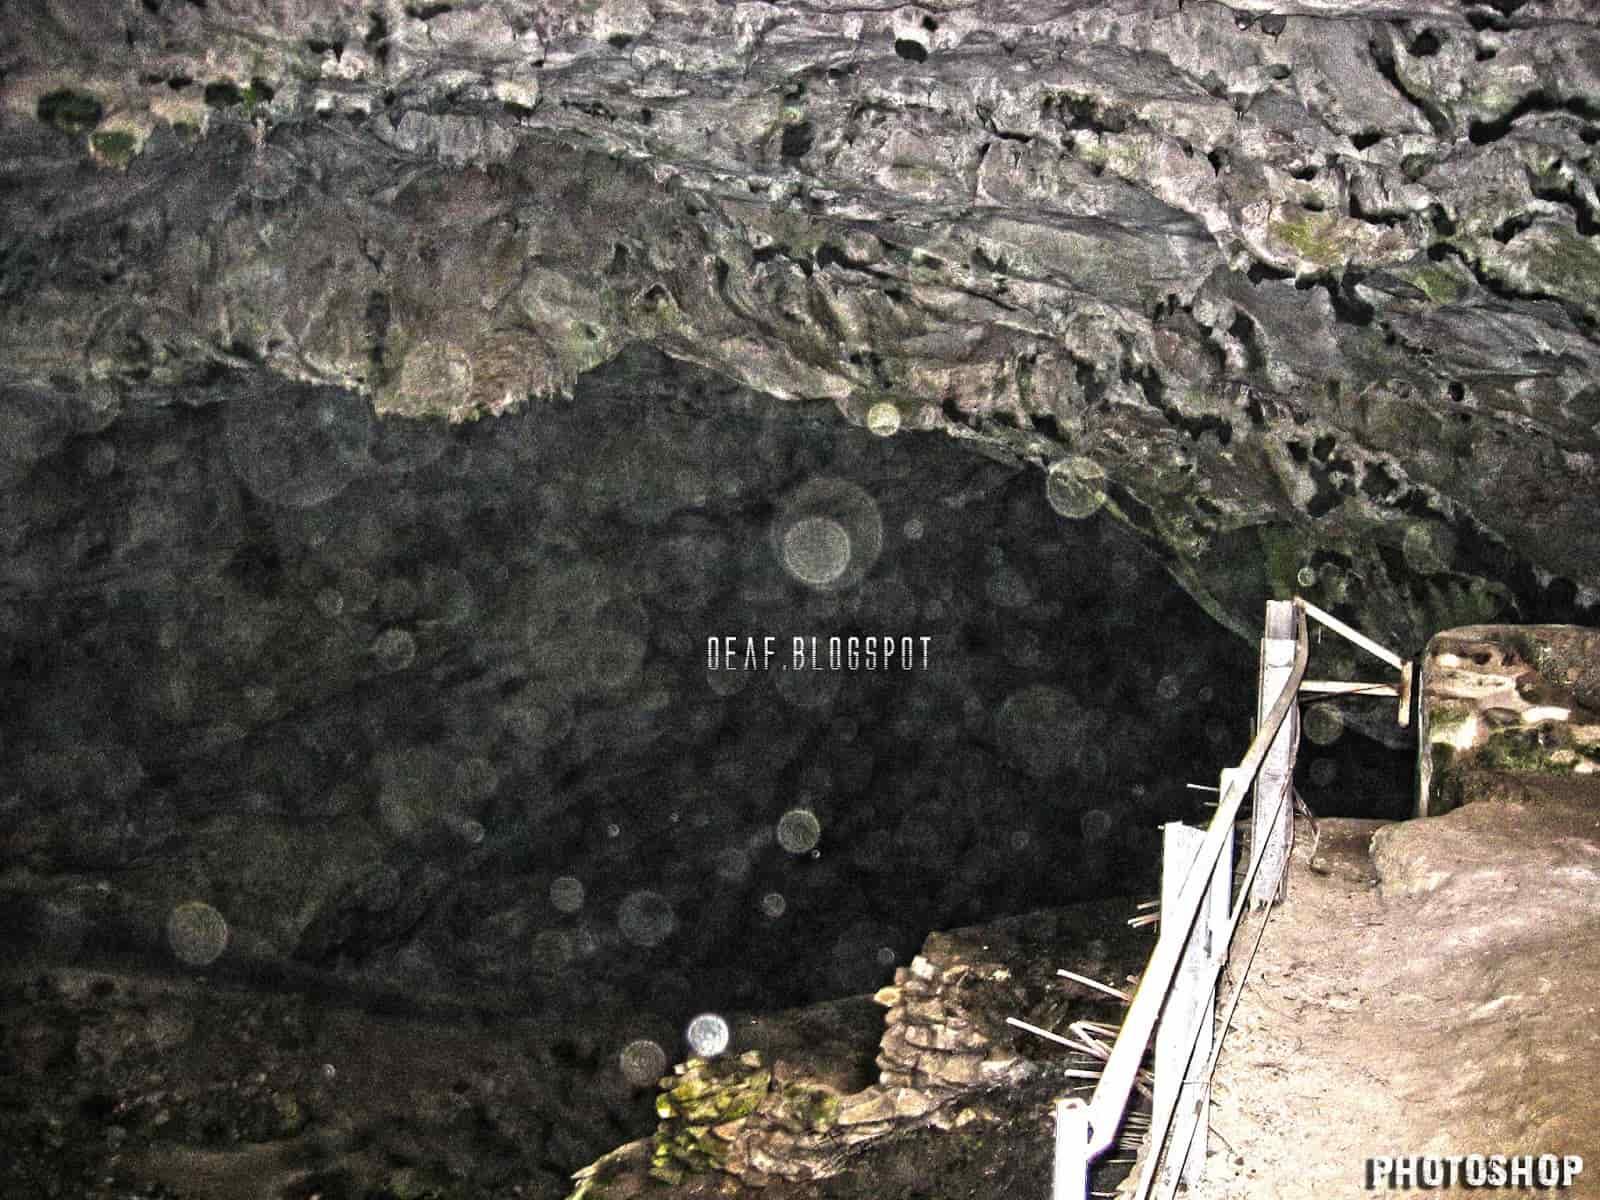 Τι Υπάρχει και Ζει Μέσα στο Σπήλαιο της Πεντέλης (εκπληκτικές φωτογραφίες και video) - Εικόνα16